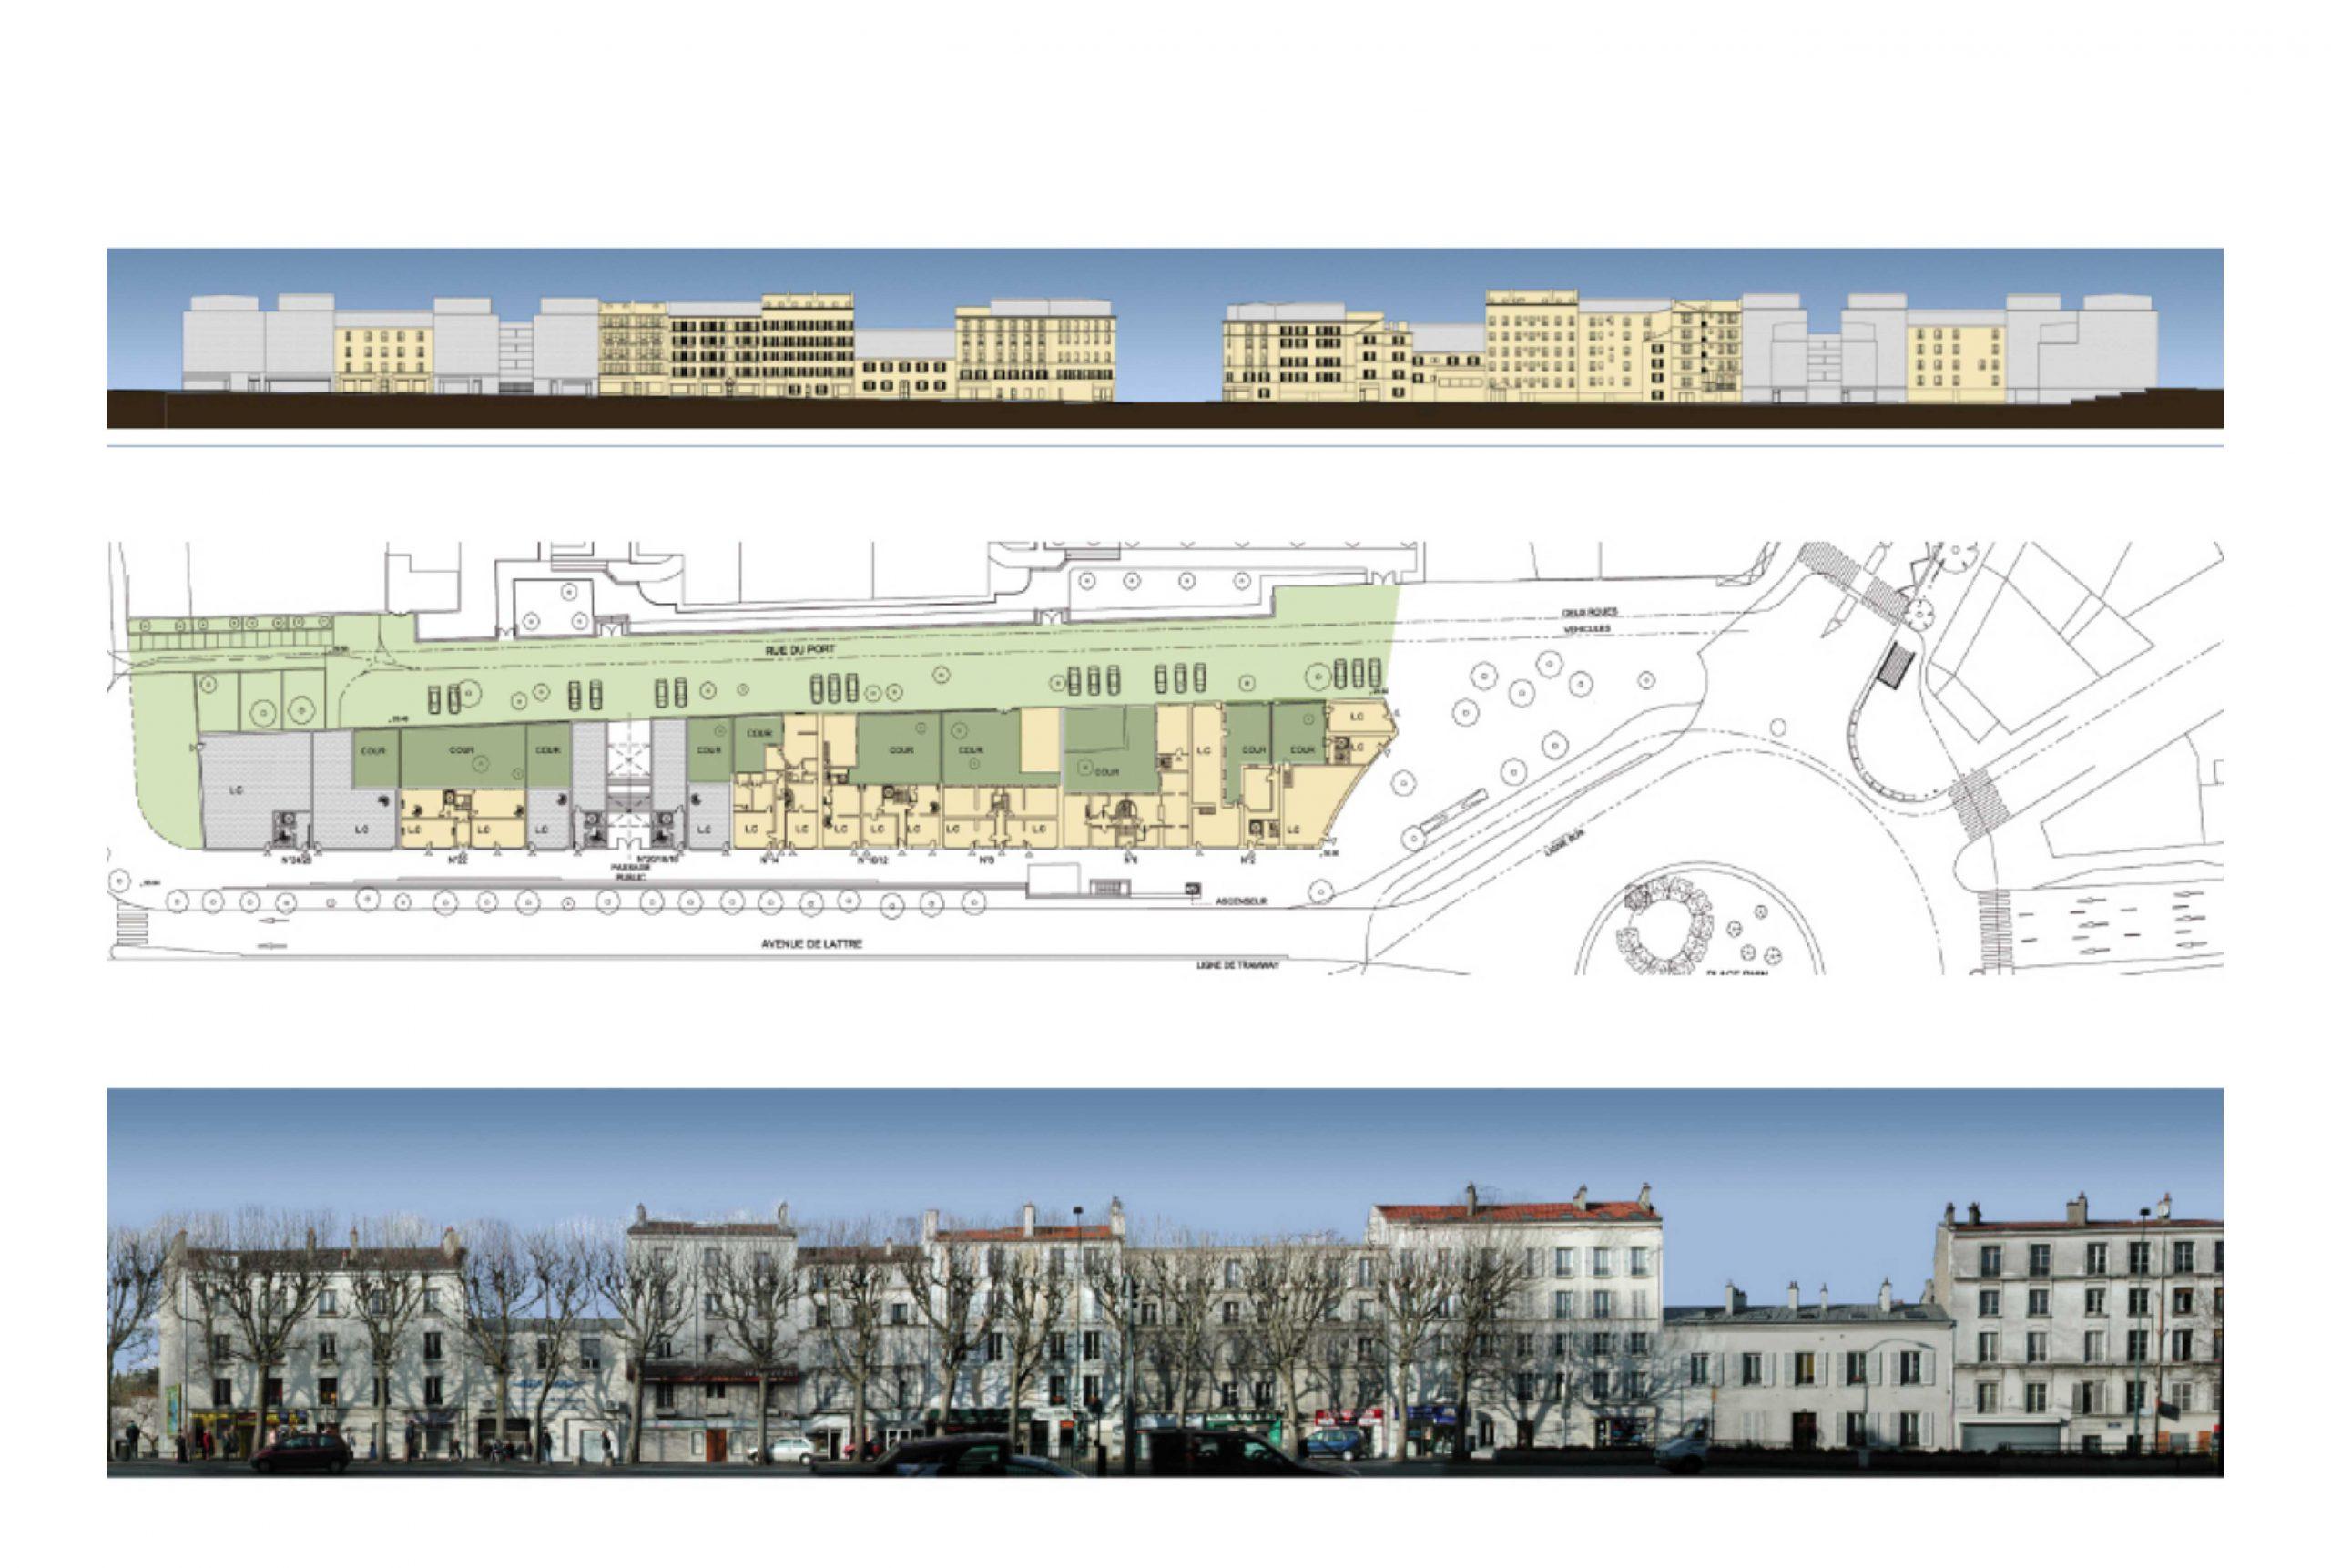 Projet urbanisme Boulogne 2 par Atelier JS Tabet